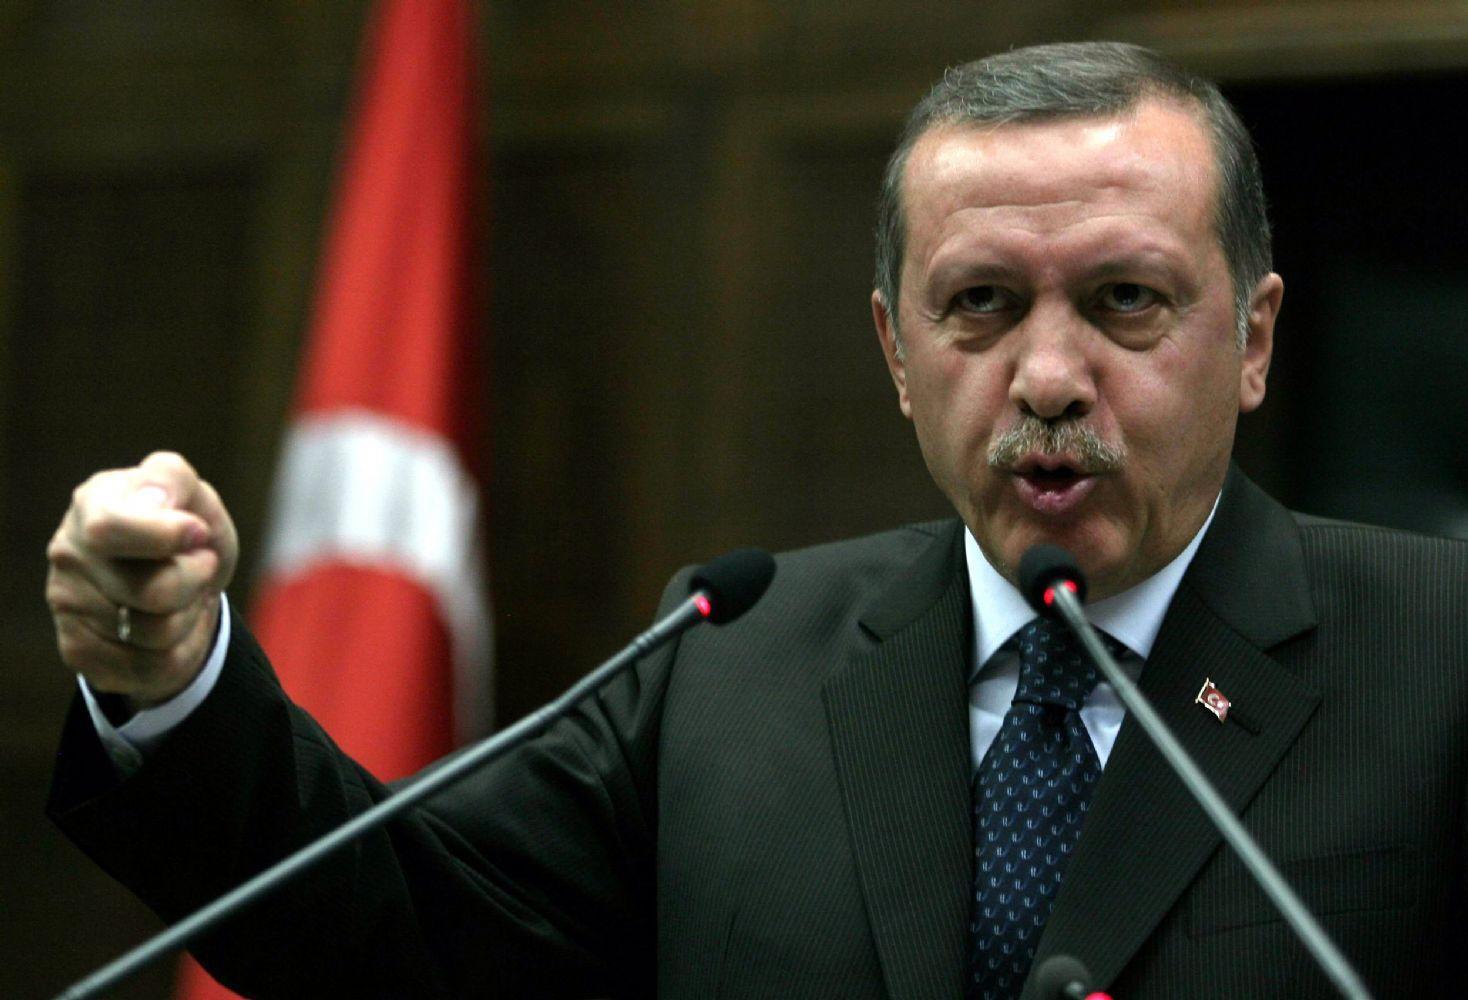 شنود مکالمه تلفنی جنجالی اردوغان و پسرش درباره فساد مالی